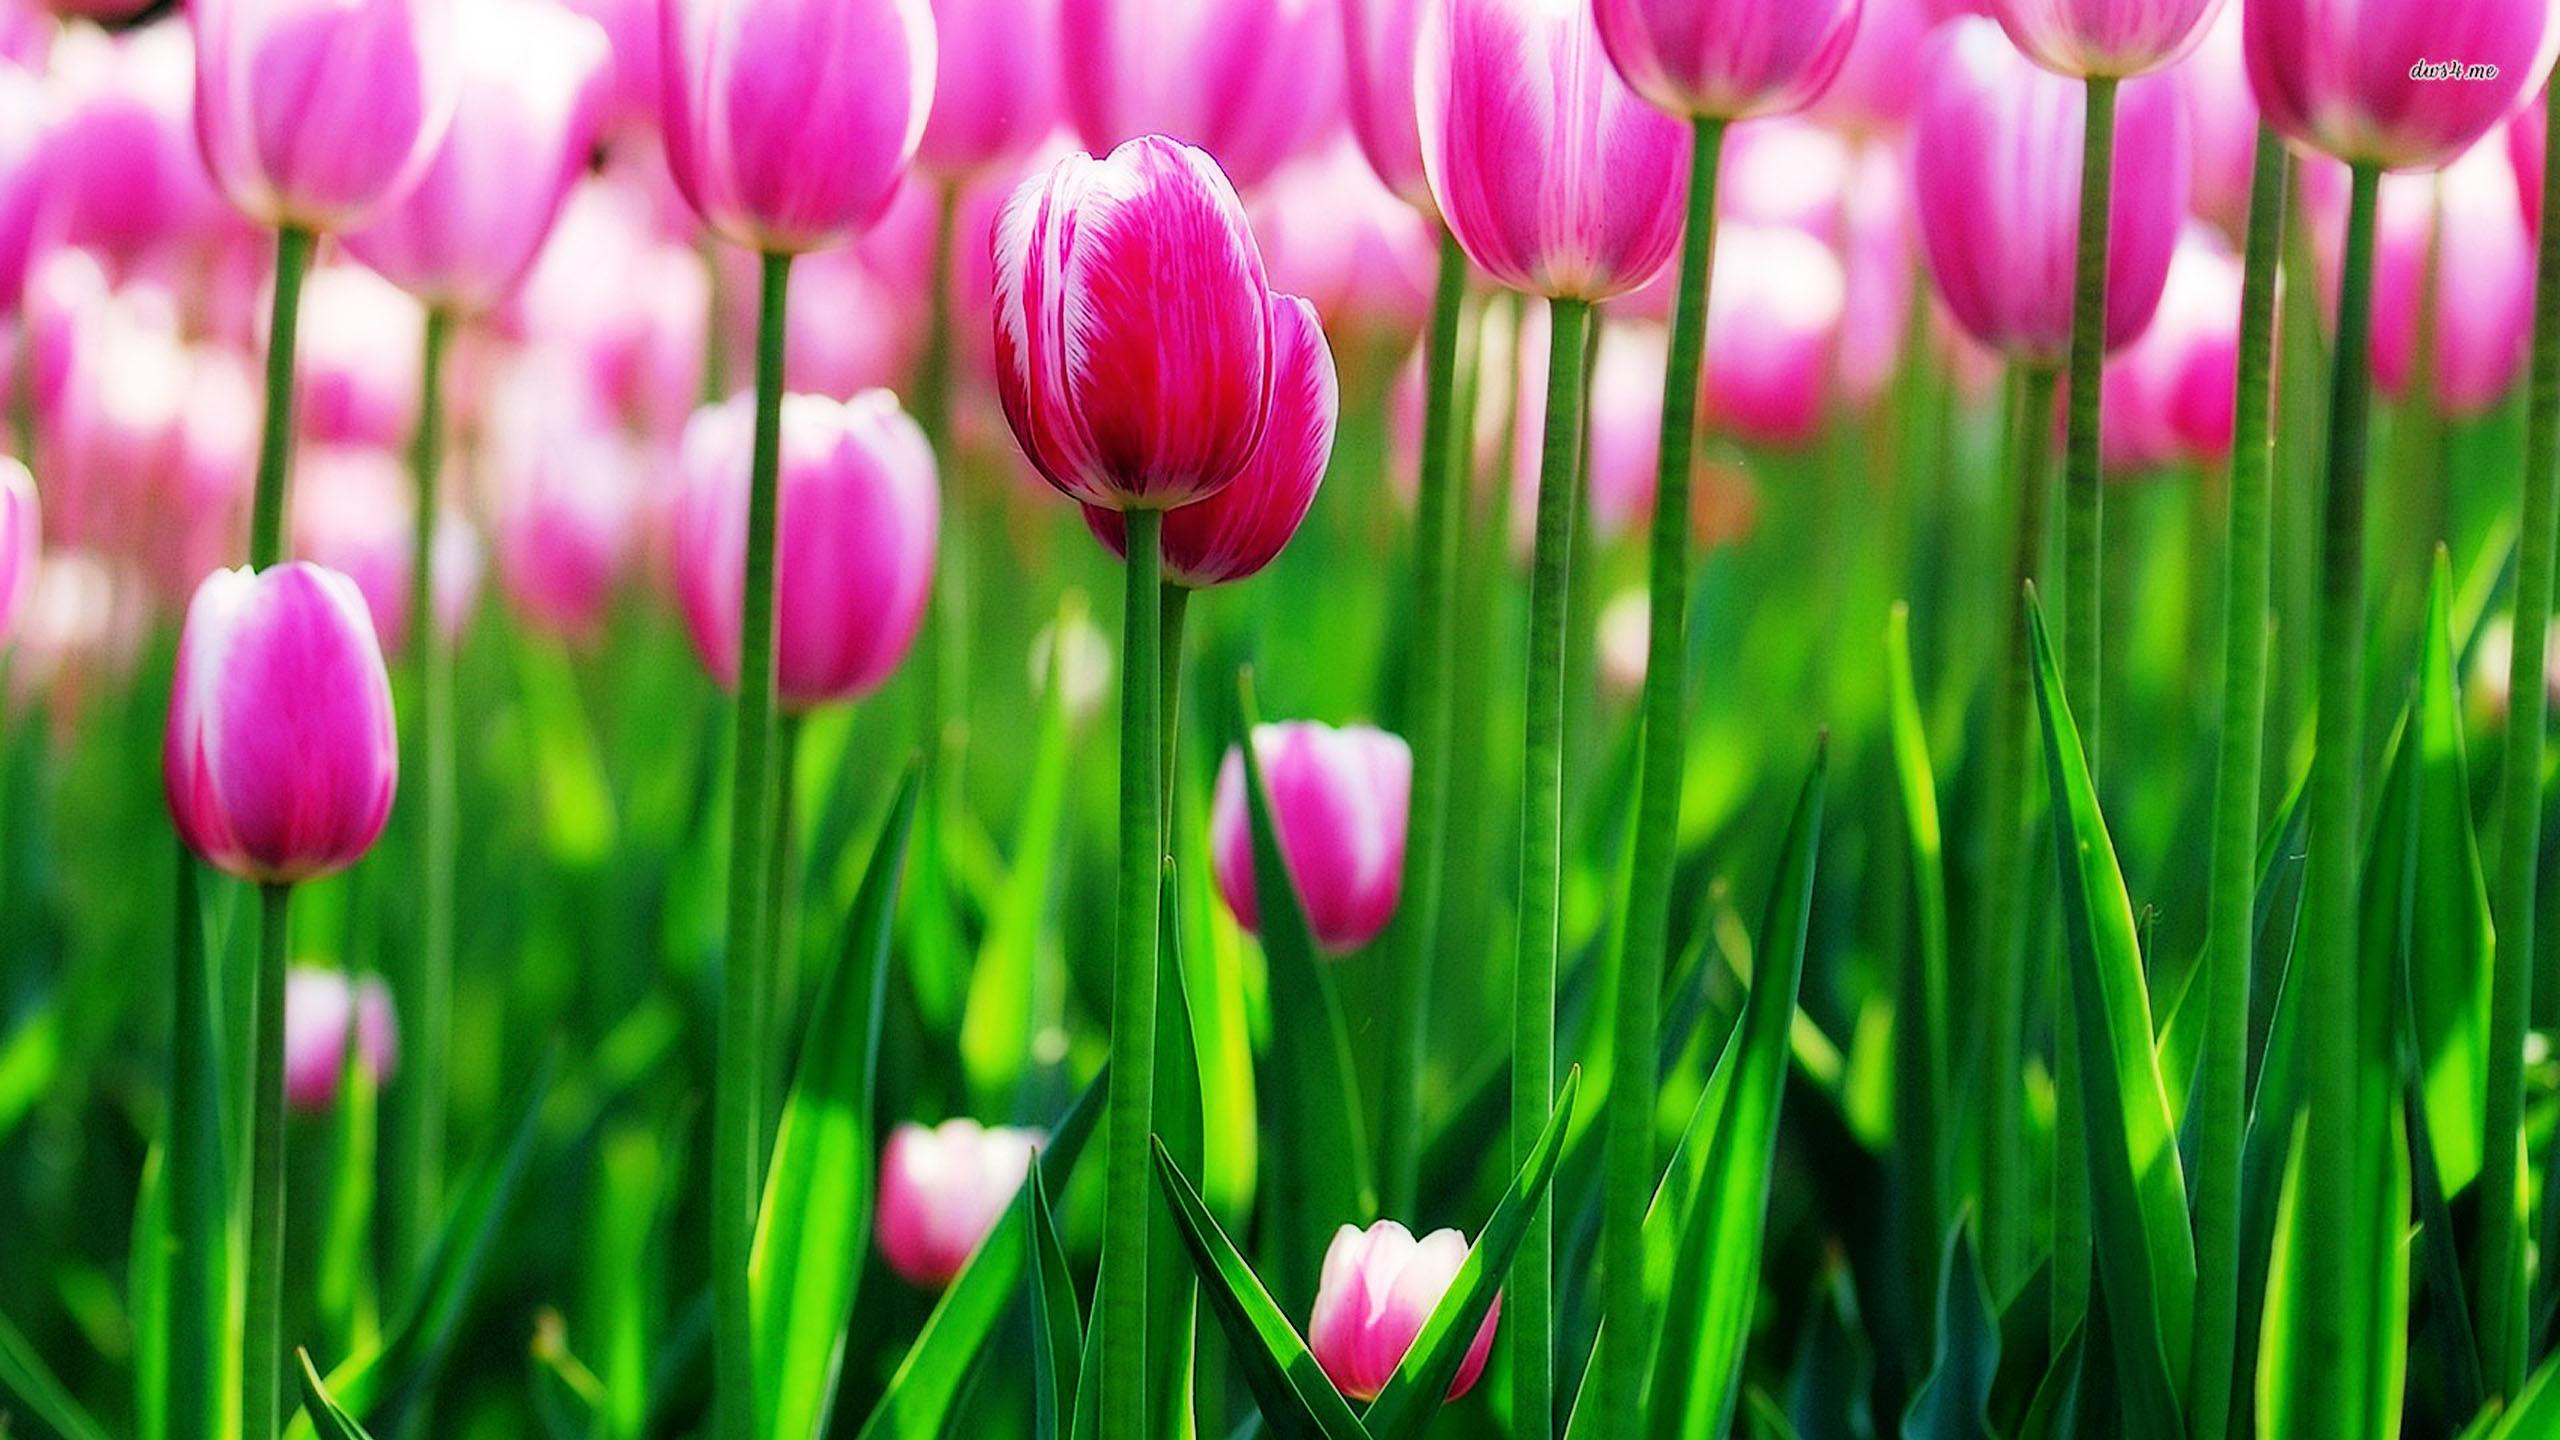 Tulip flower wallpaper for mobile | HD Wallpapers | Pinterest | Wallpaper  and Hd wallpaper